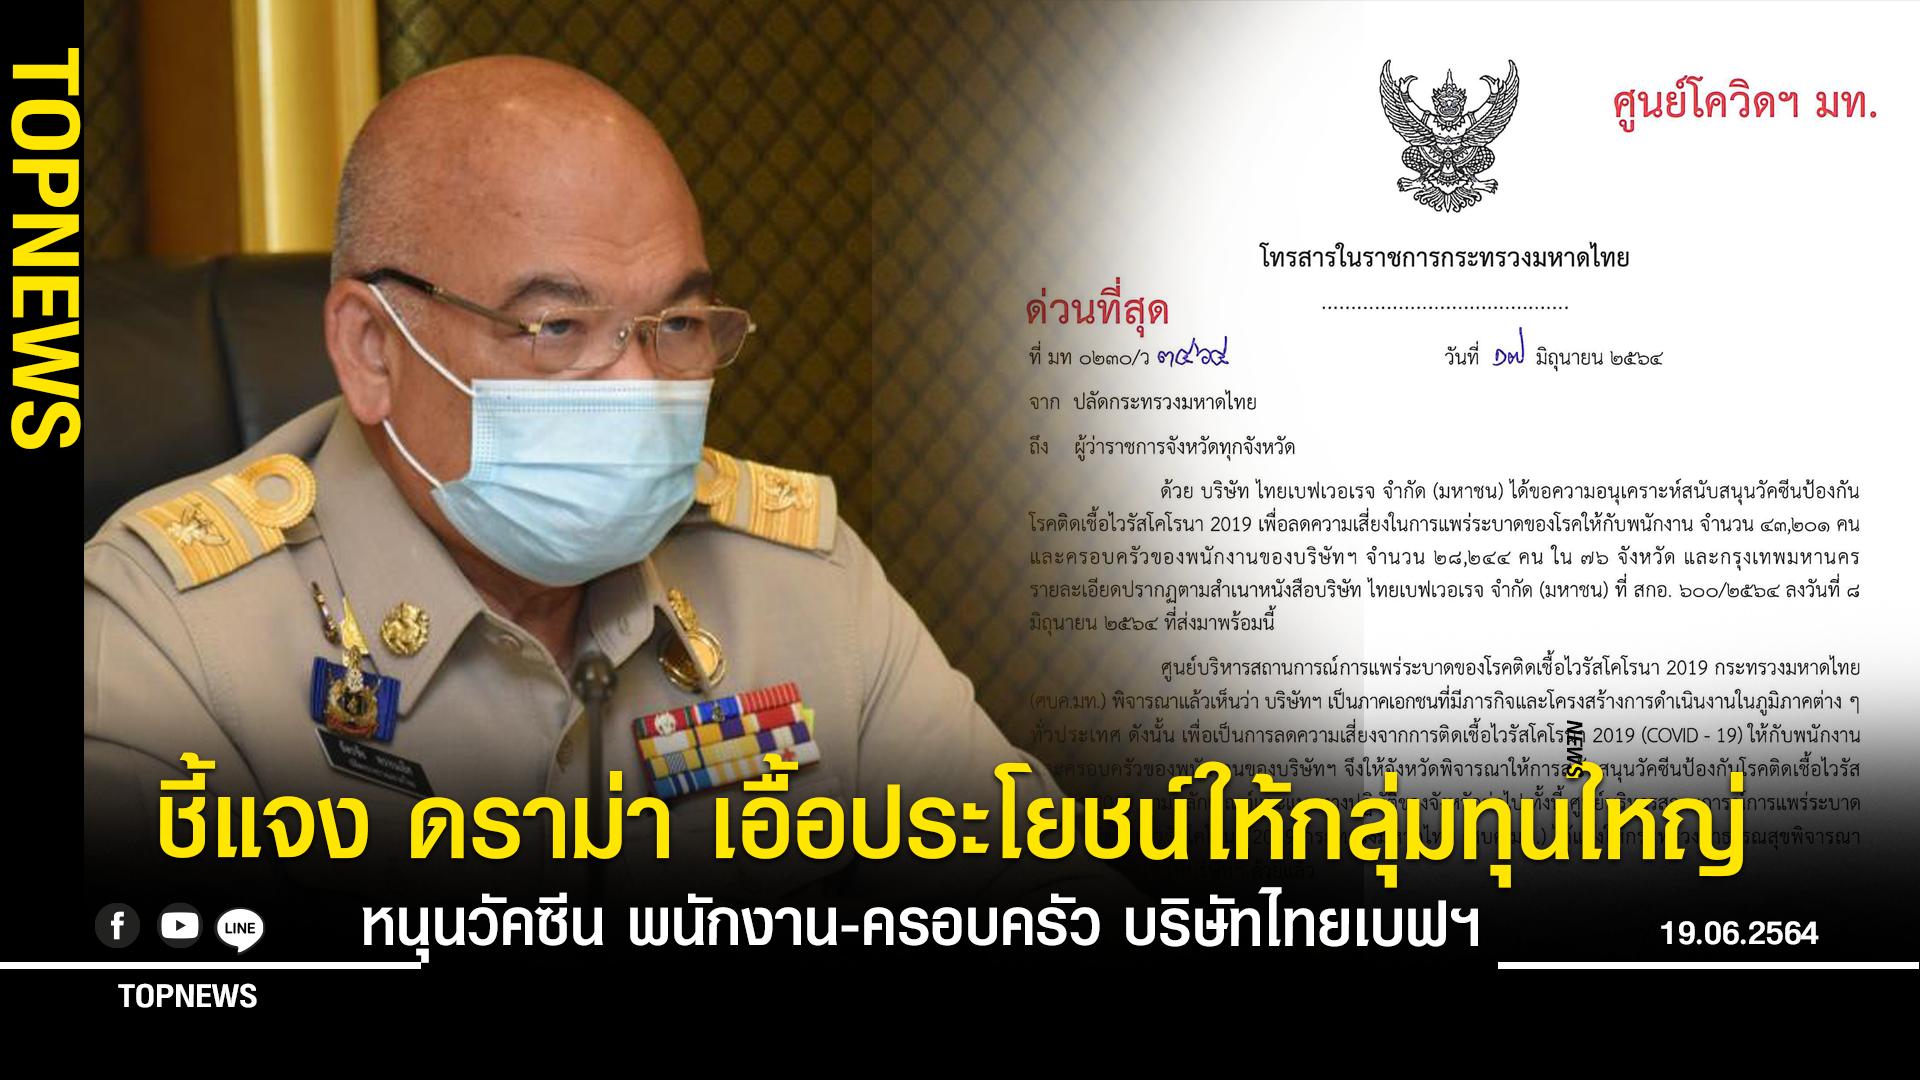 ปลัดมหาดไทย ชี้แจง ดราม่า เอื้อประโยชน์ให้กลุ่มทุนใหญ่ หนุนวัคซีน พนักงาน-ครอบครัว บริษัทไทยเบฟฯ